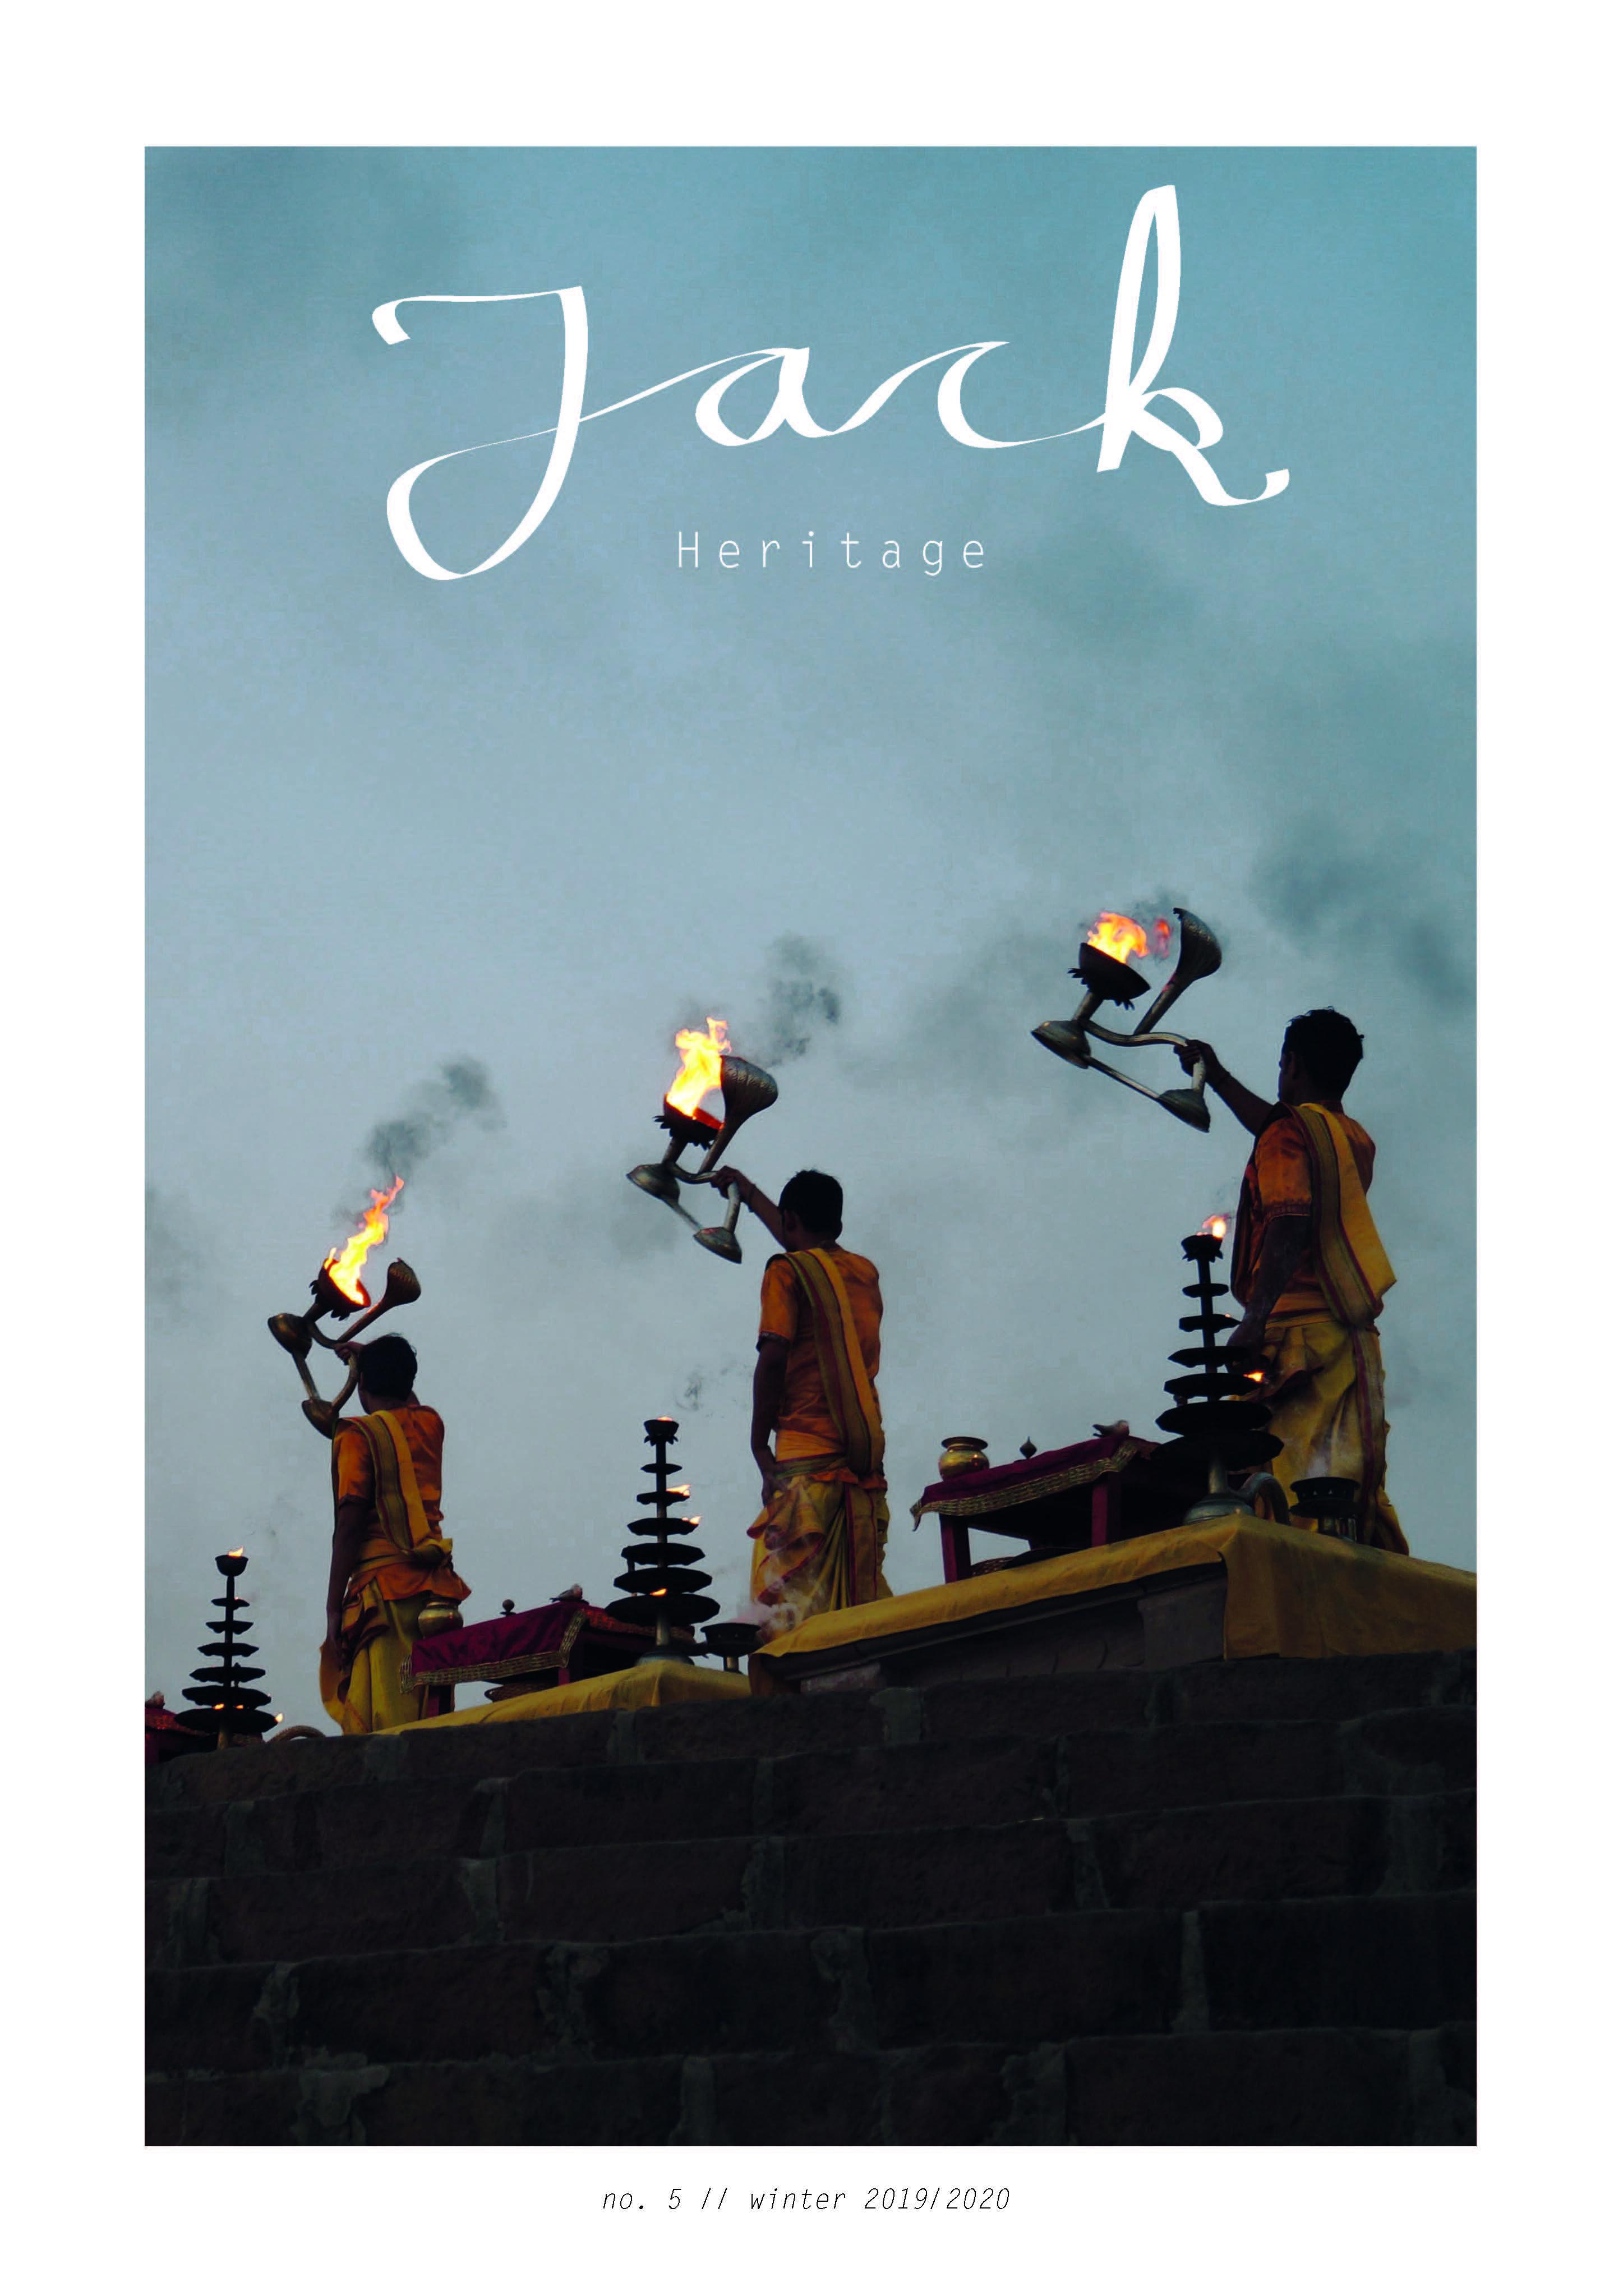 Jack Heritage